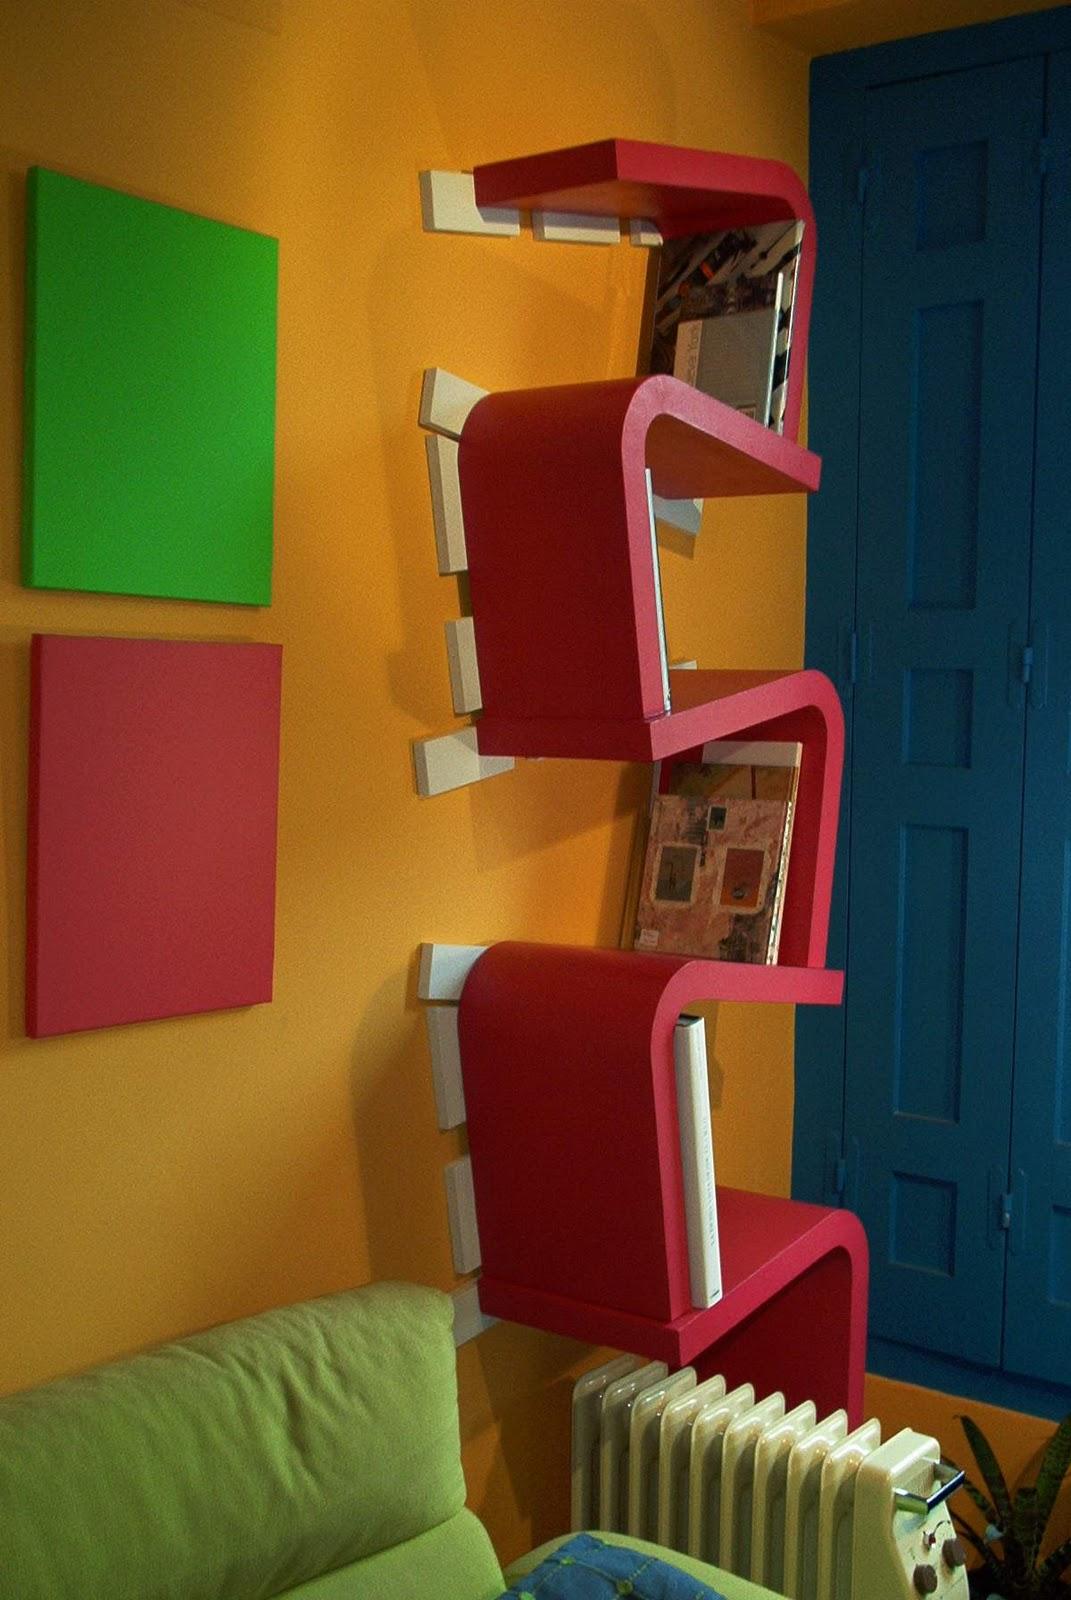 Seddem s objetos y muebles de cart n manu cartones - Imagenes de muebles de carton ...